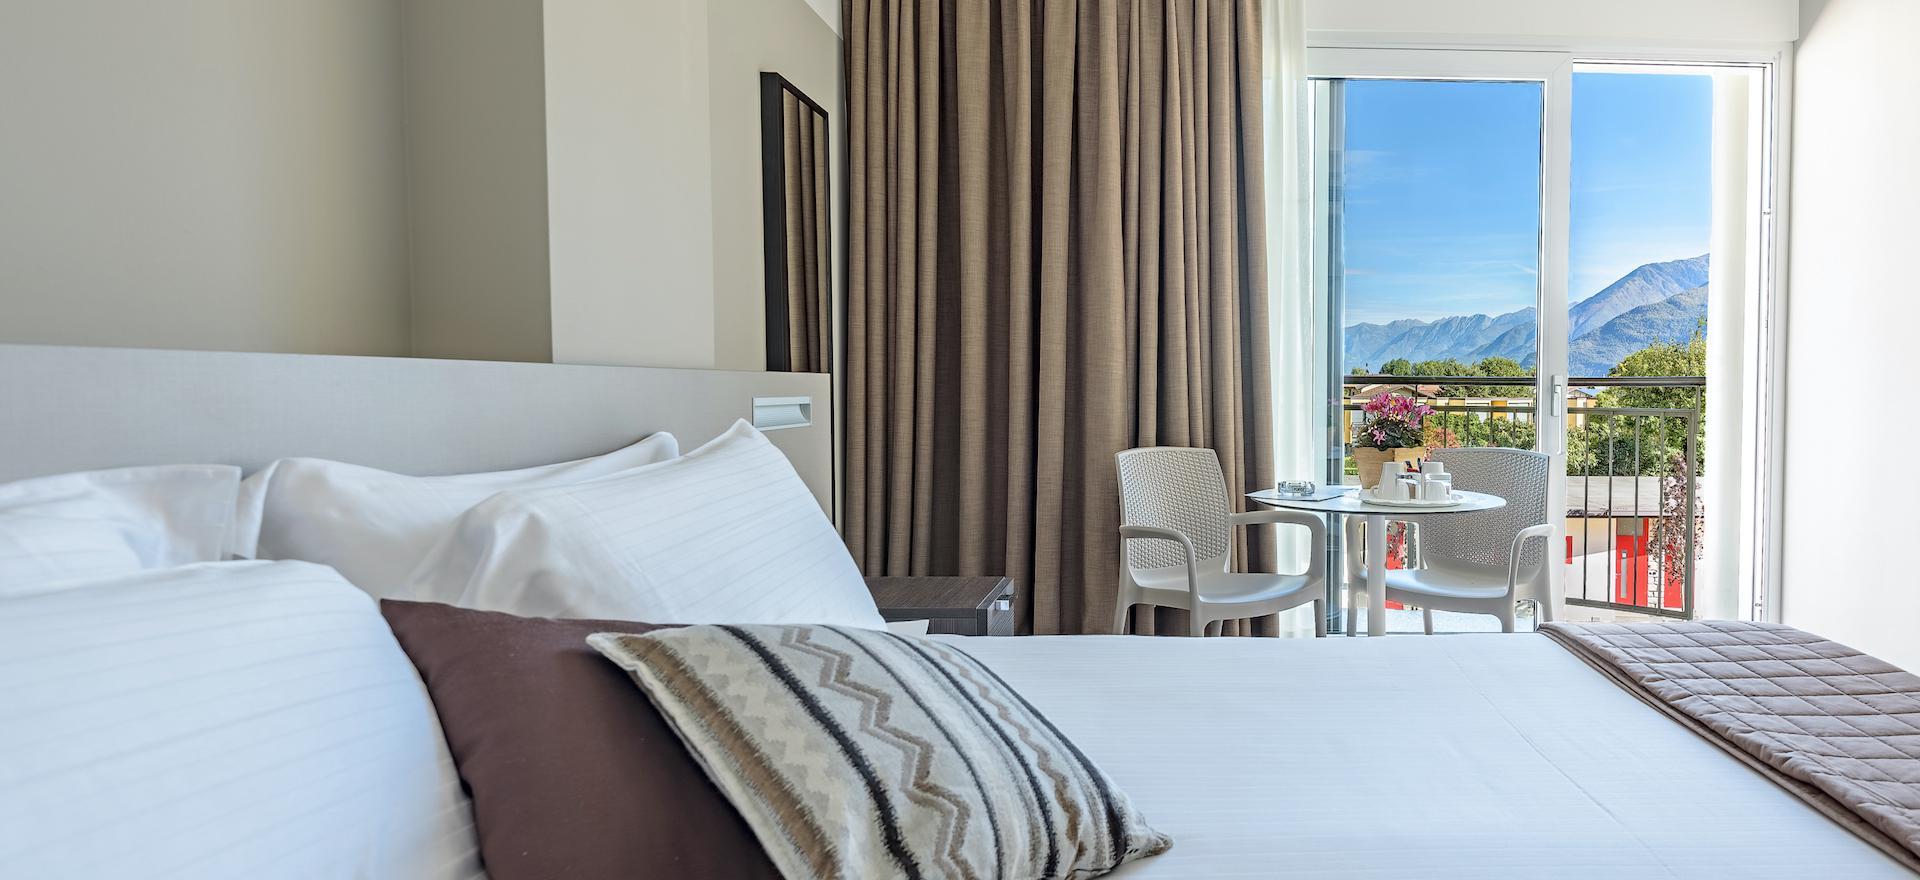 Hotel nabij de kiezelstranden van het Comomeer